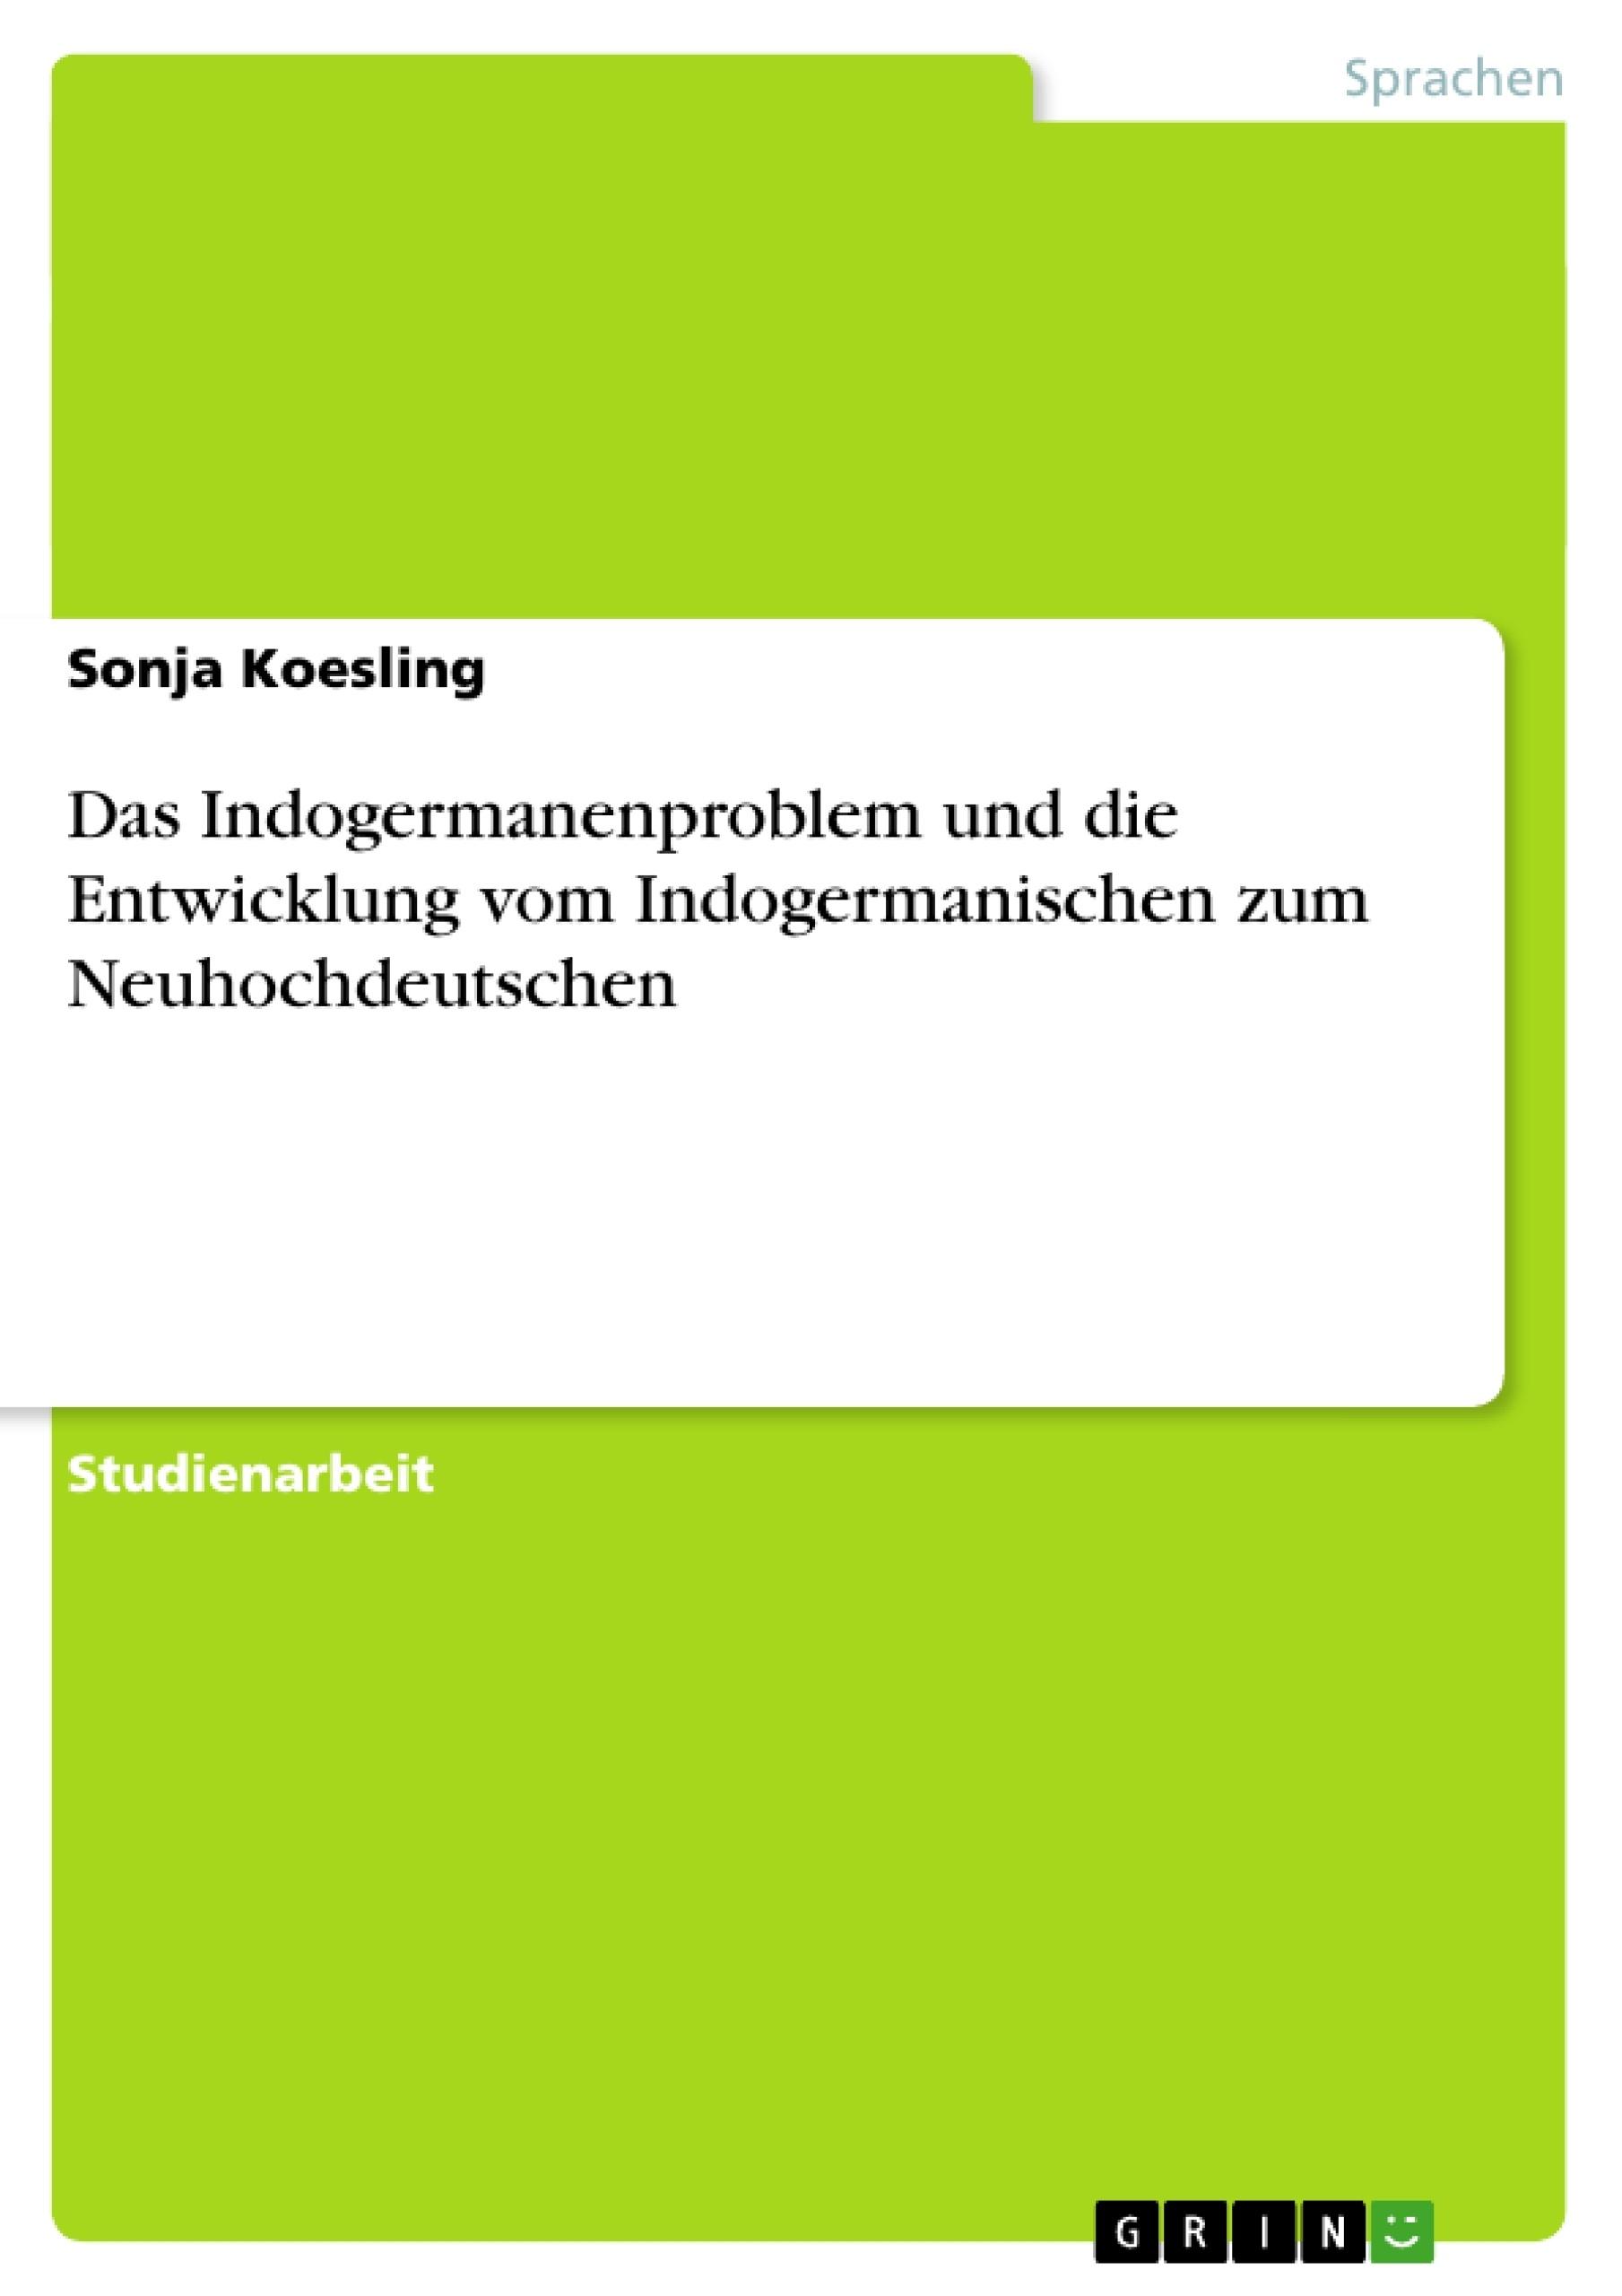 Titel: Das Indogermanenproblem und die Entwicklung vom Indogermanischen zum Neuhochdeutschen